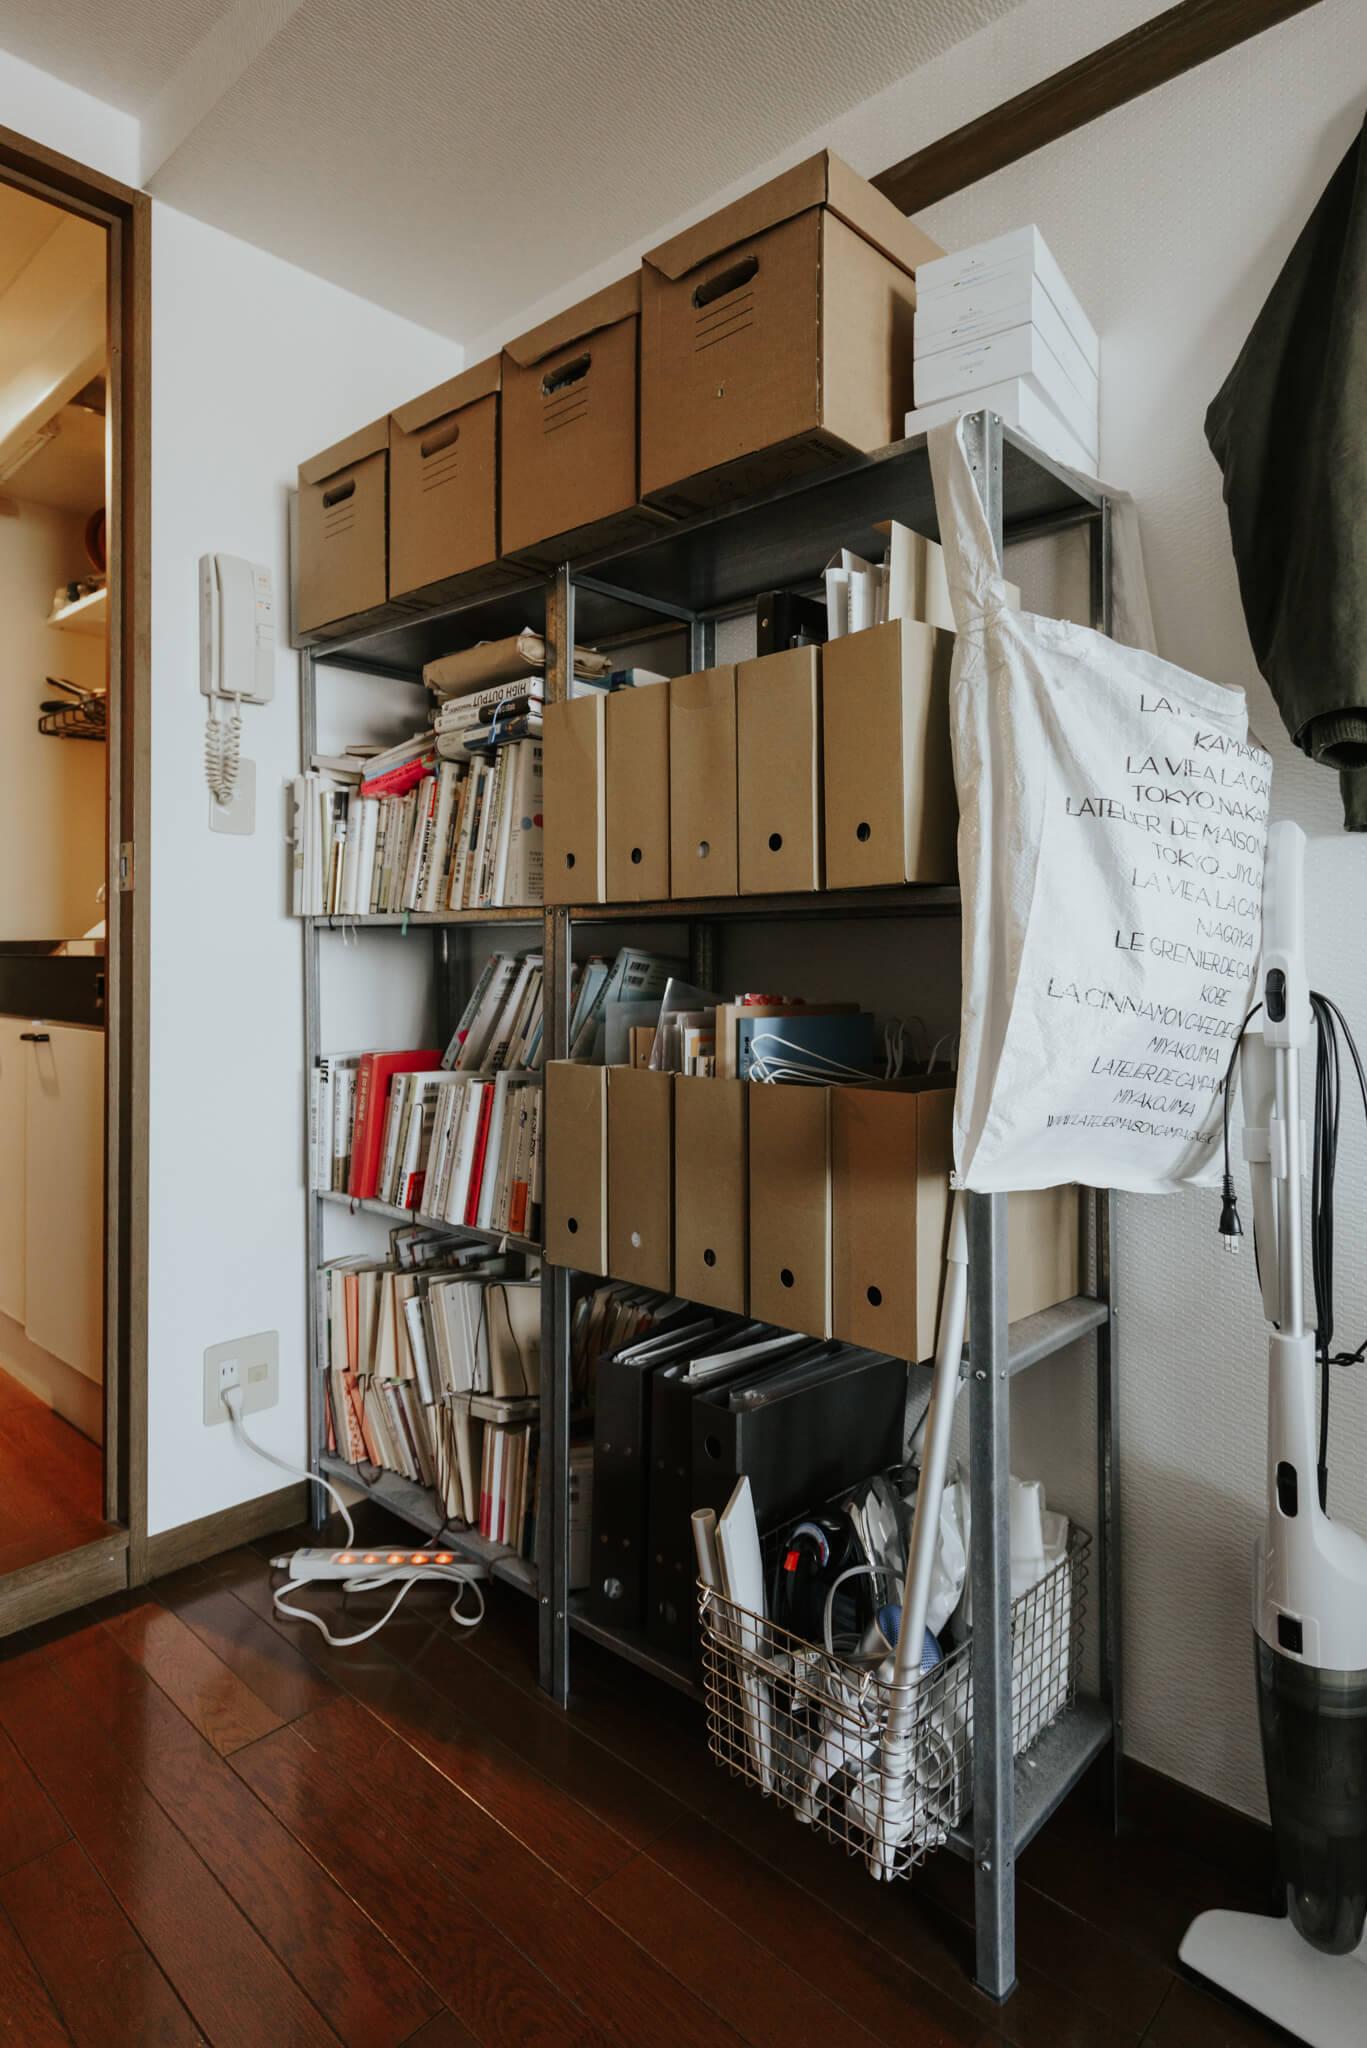 本や、細々としたものの収納はこちらに。IKEAのオープンシェルフHYLISS。部屋に入ってすぐの死角となる場所に背の高い家具があるため、視線や、生活導線を遮りません。